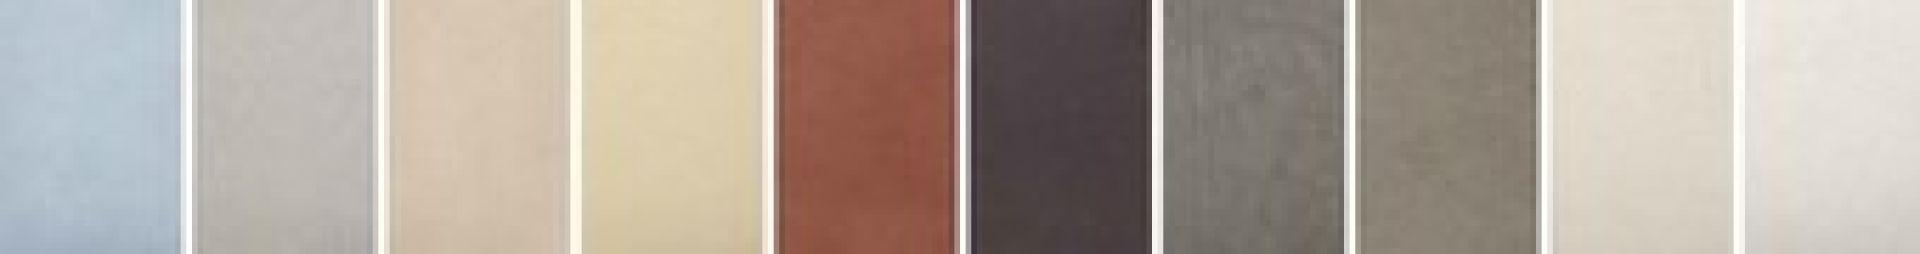 Nuancier De Couleurs Béton Ciré Weber Floor 4650